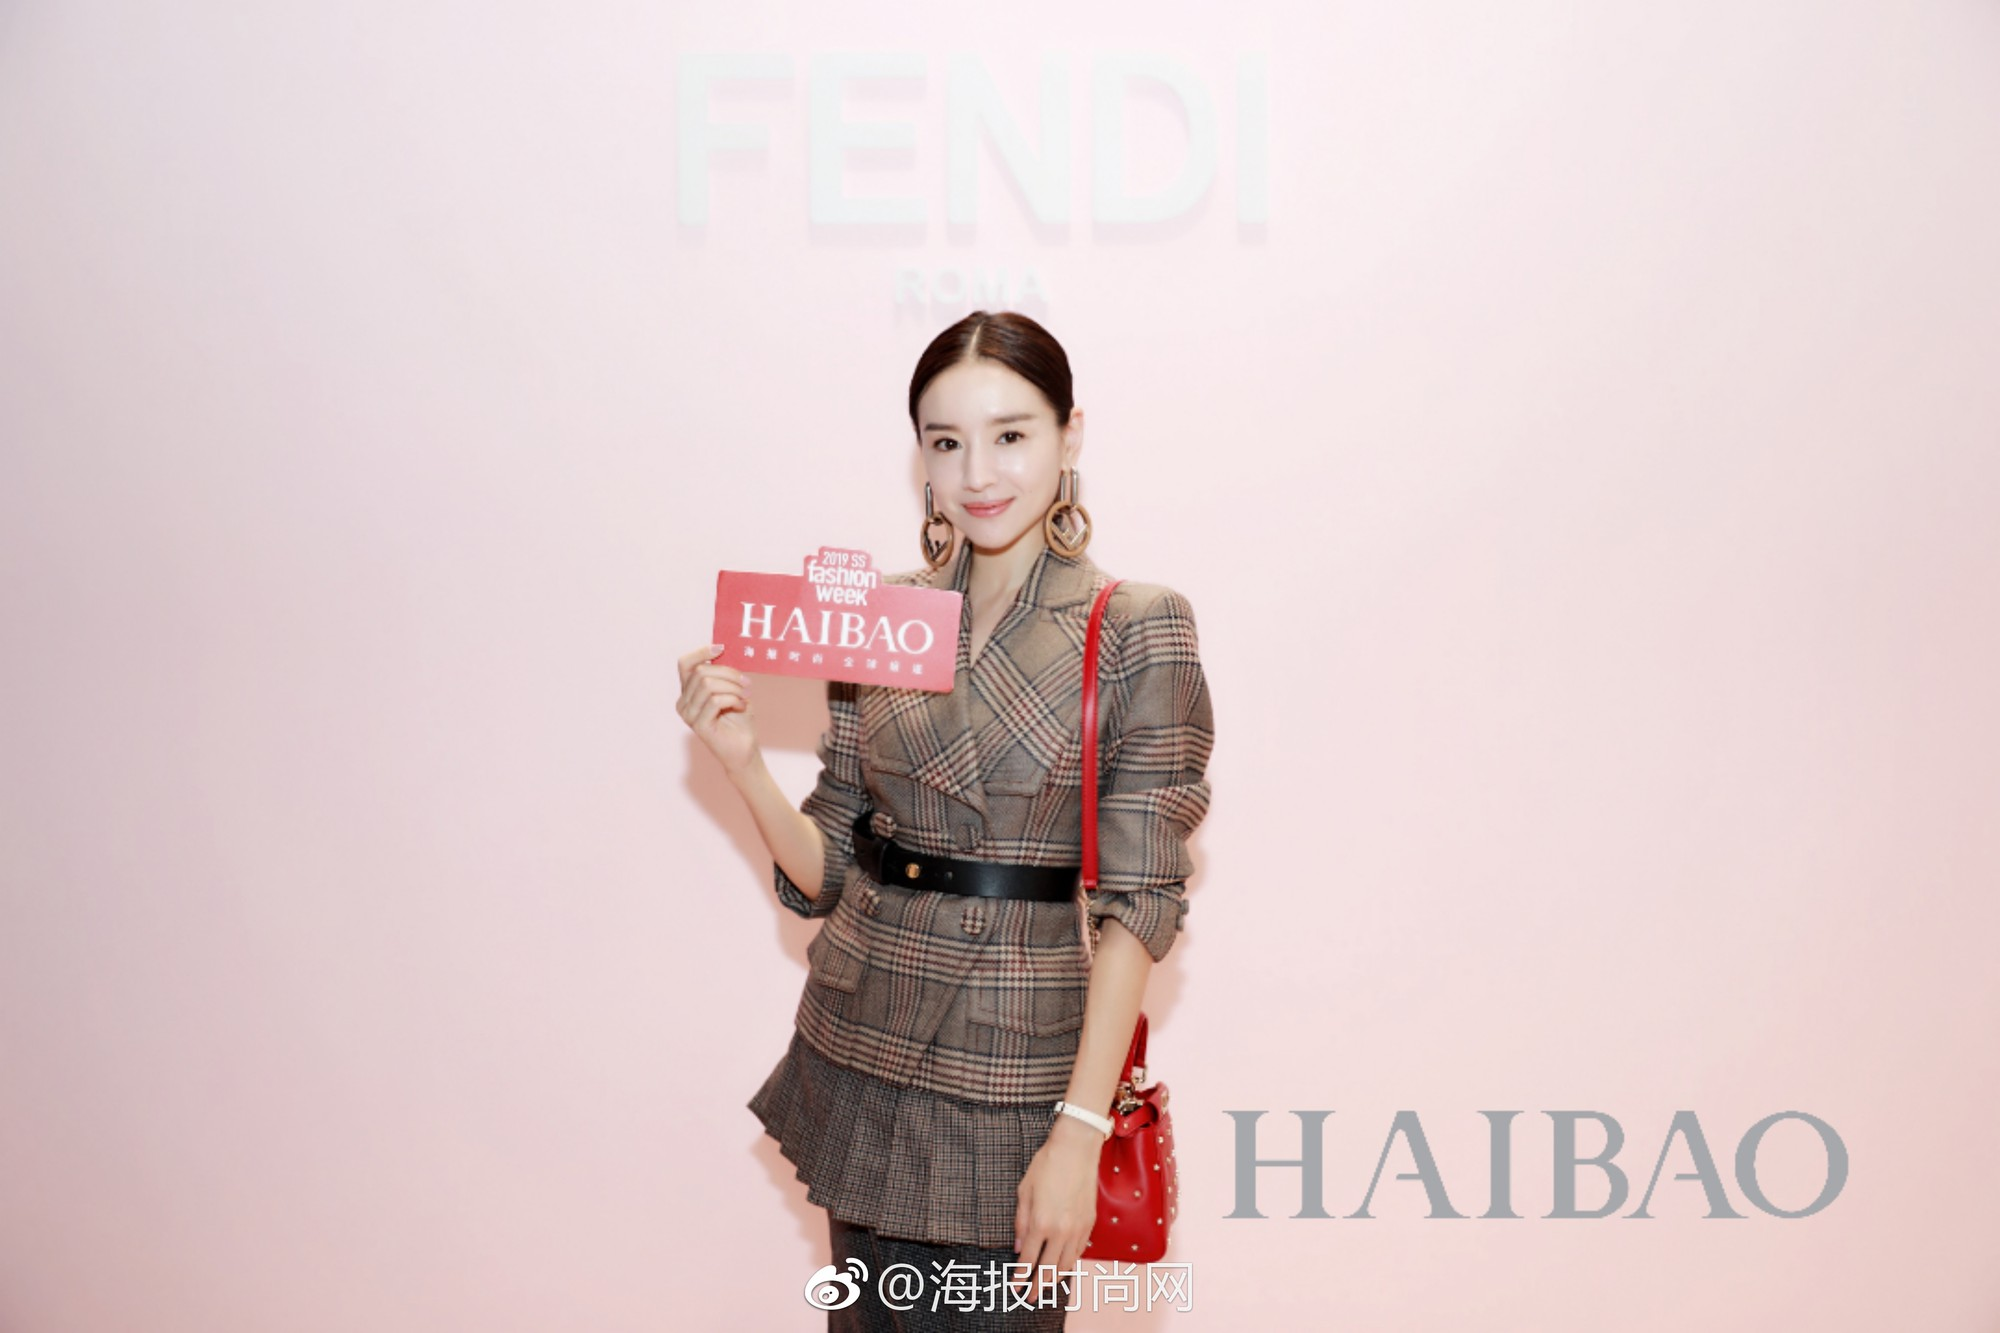 """Cặp đôi """"Phú Sát Hoàng hậu"""" lần đầu đọ style: Tần Lam đẹp xuất sắc, Đổng Khiết lại có chút sến - Ảnh 7."""